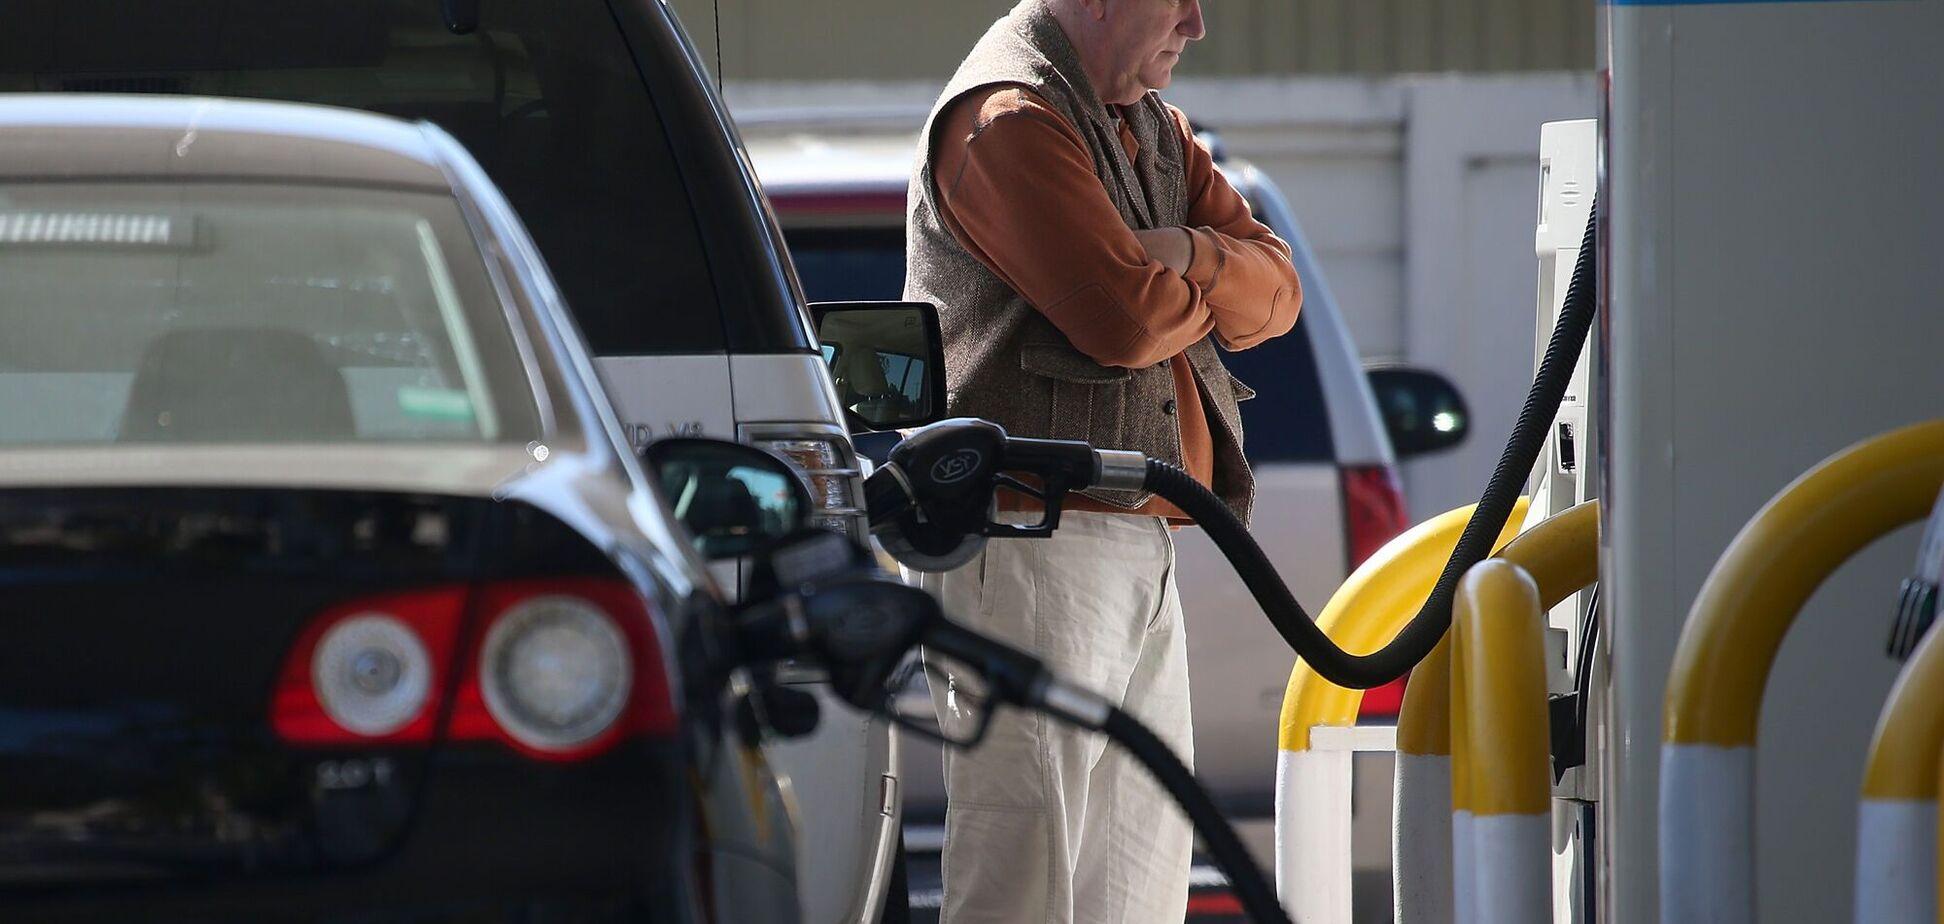 В Україні ціни на автогаз за місяць зросли на 17%: